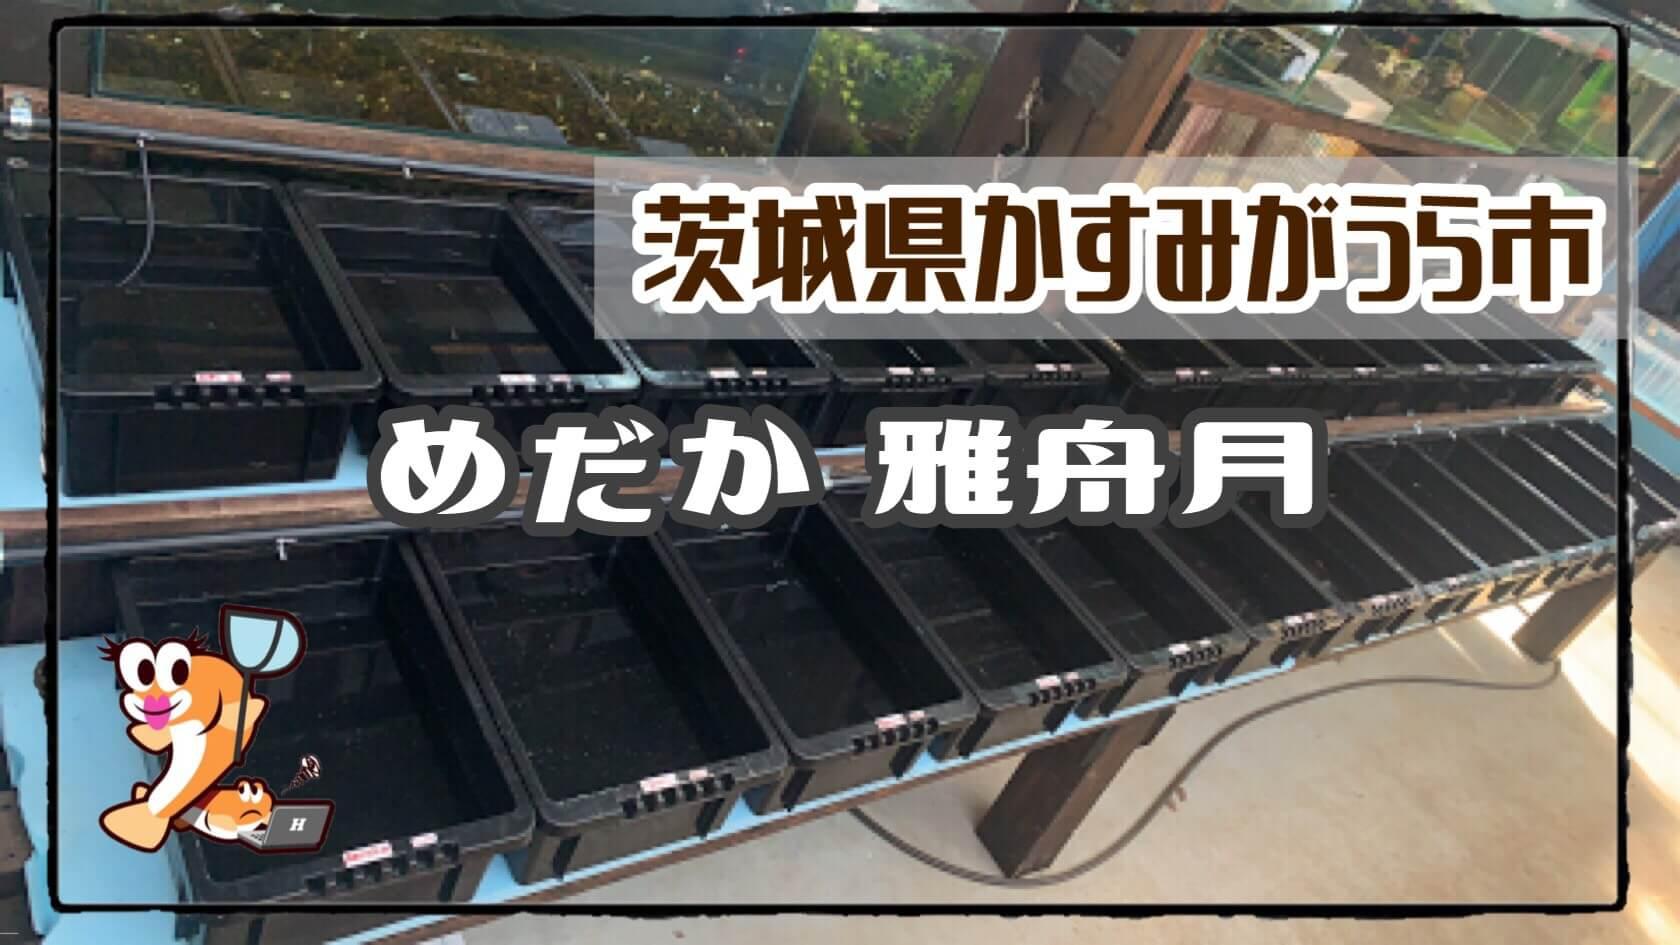 茨城県のメダカ販売店のアイキャッチ